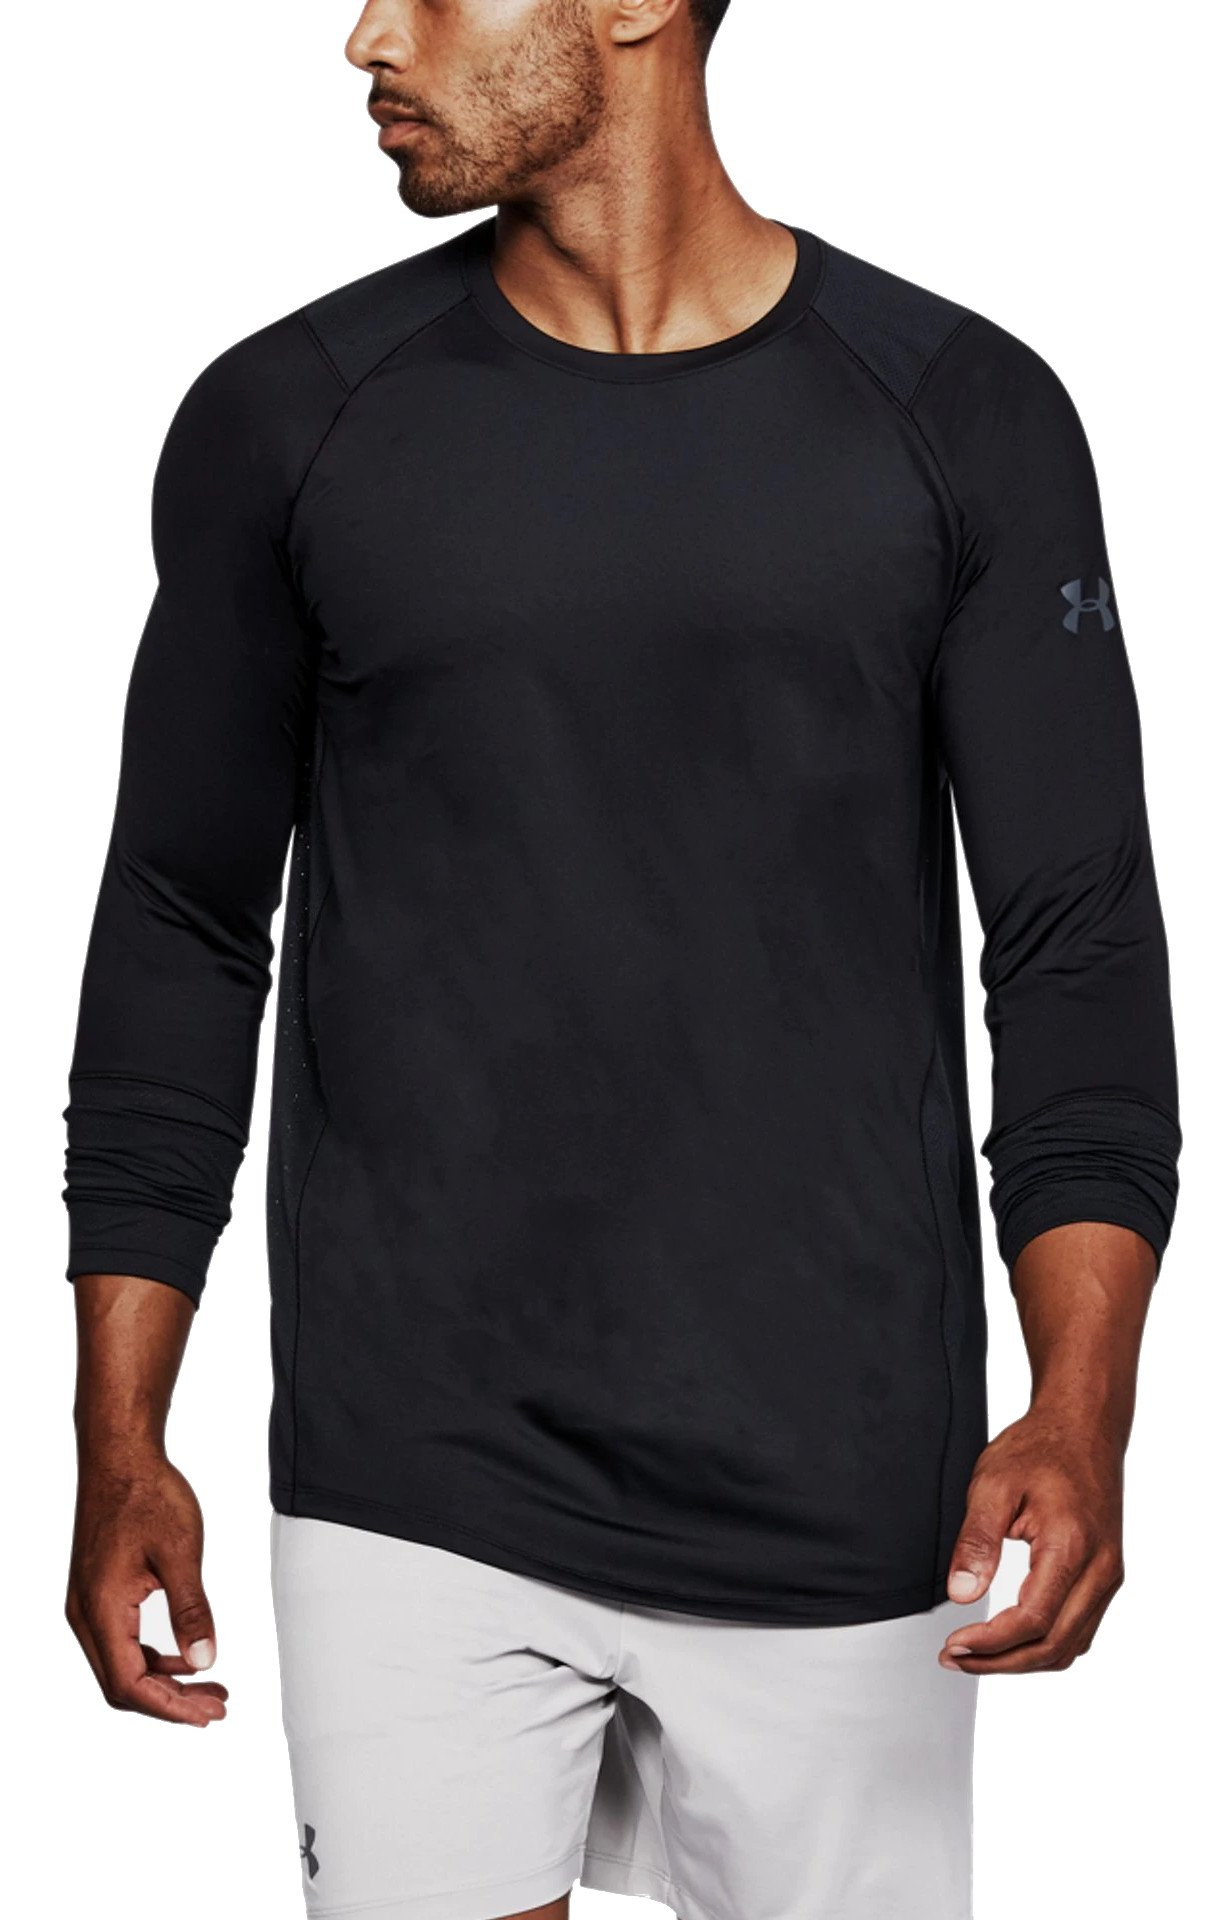 Long-sleeve T-shirt Under Armour MK1 LS